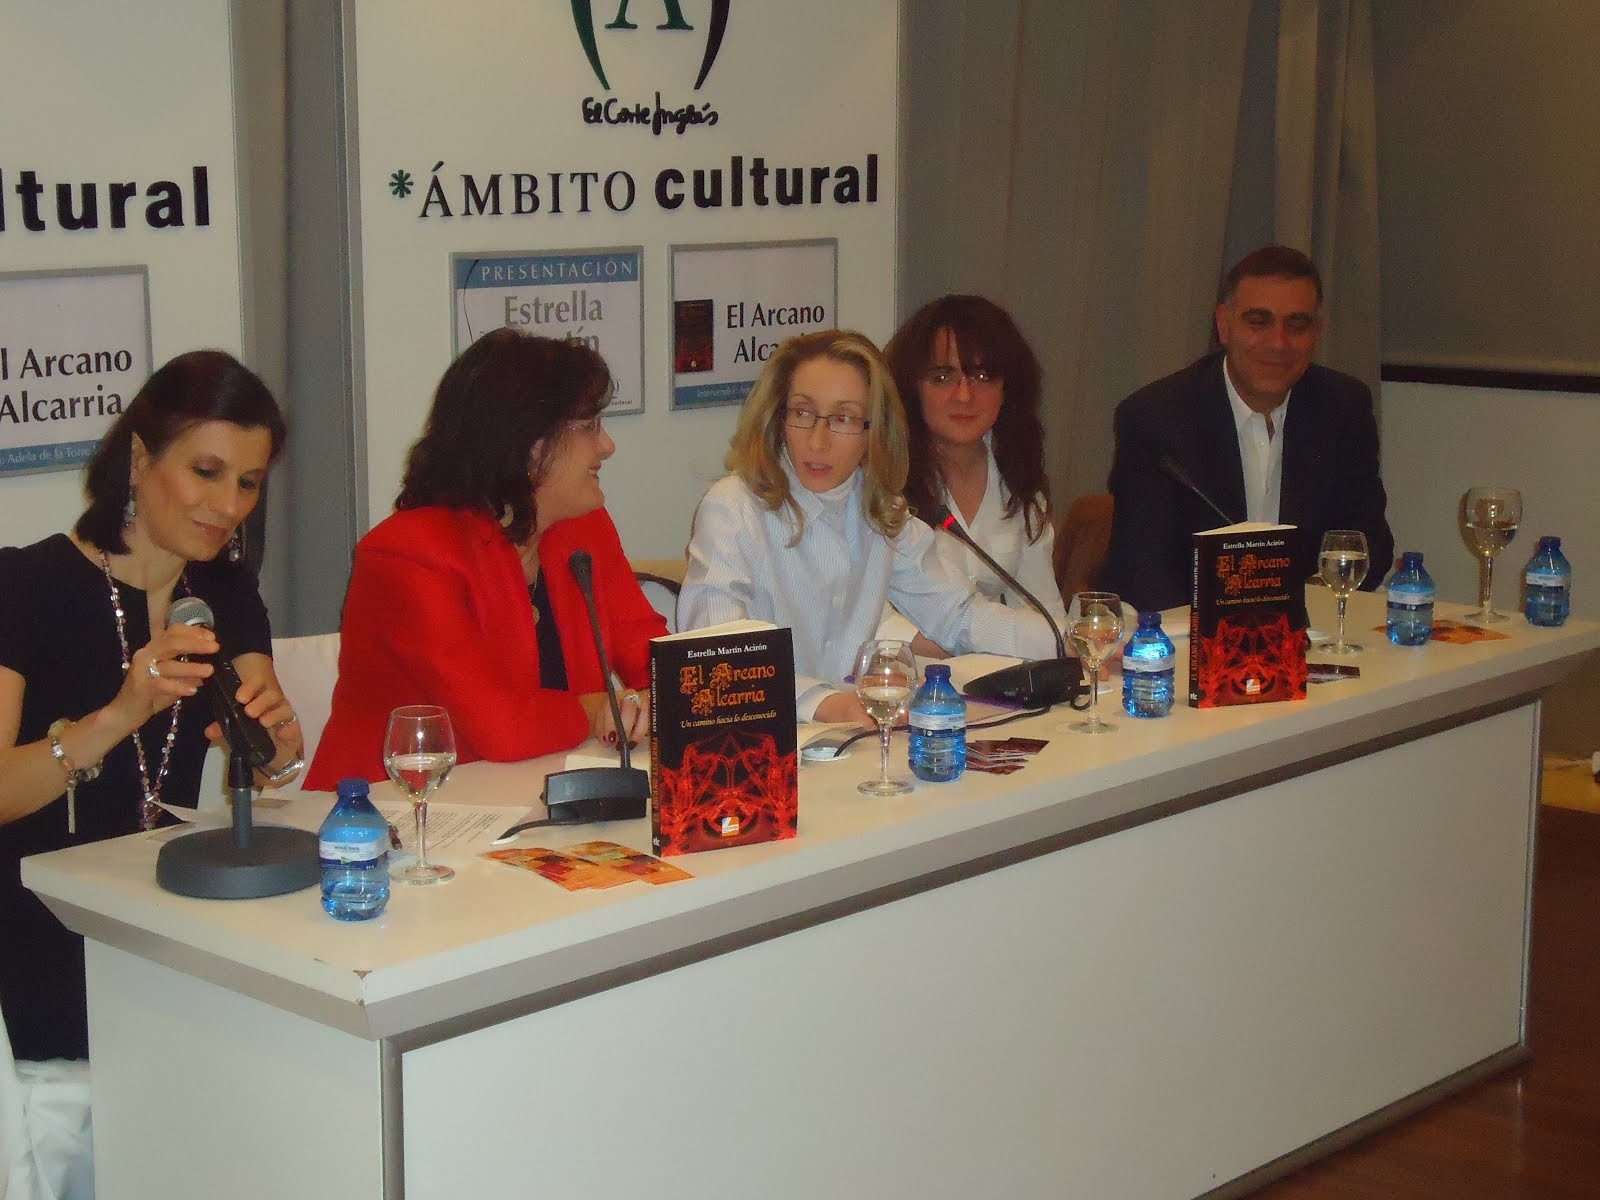 El  Arcano Alcarria 2013-2015